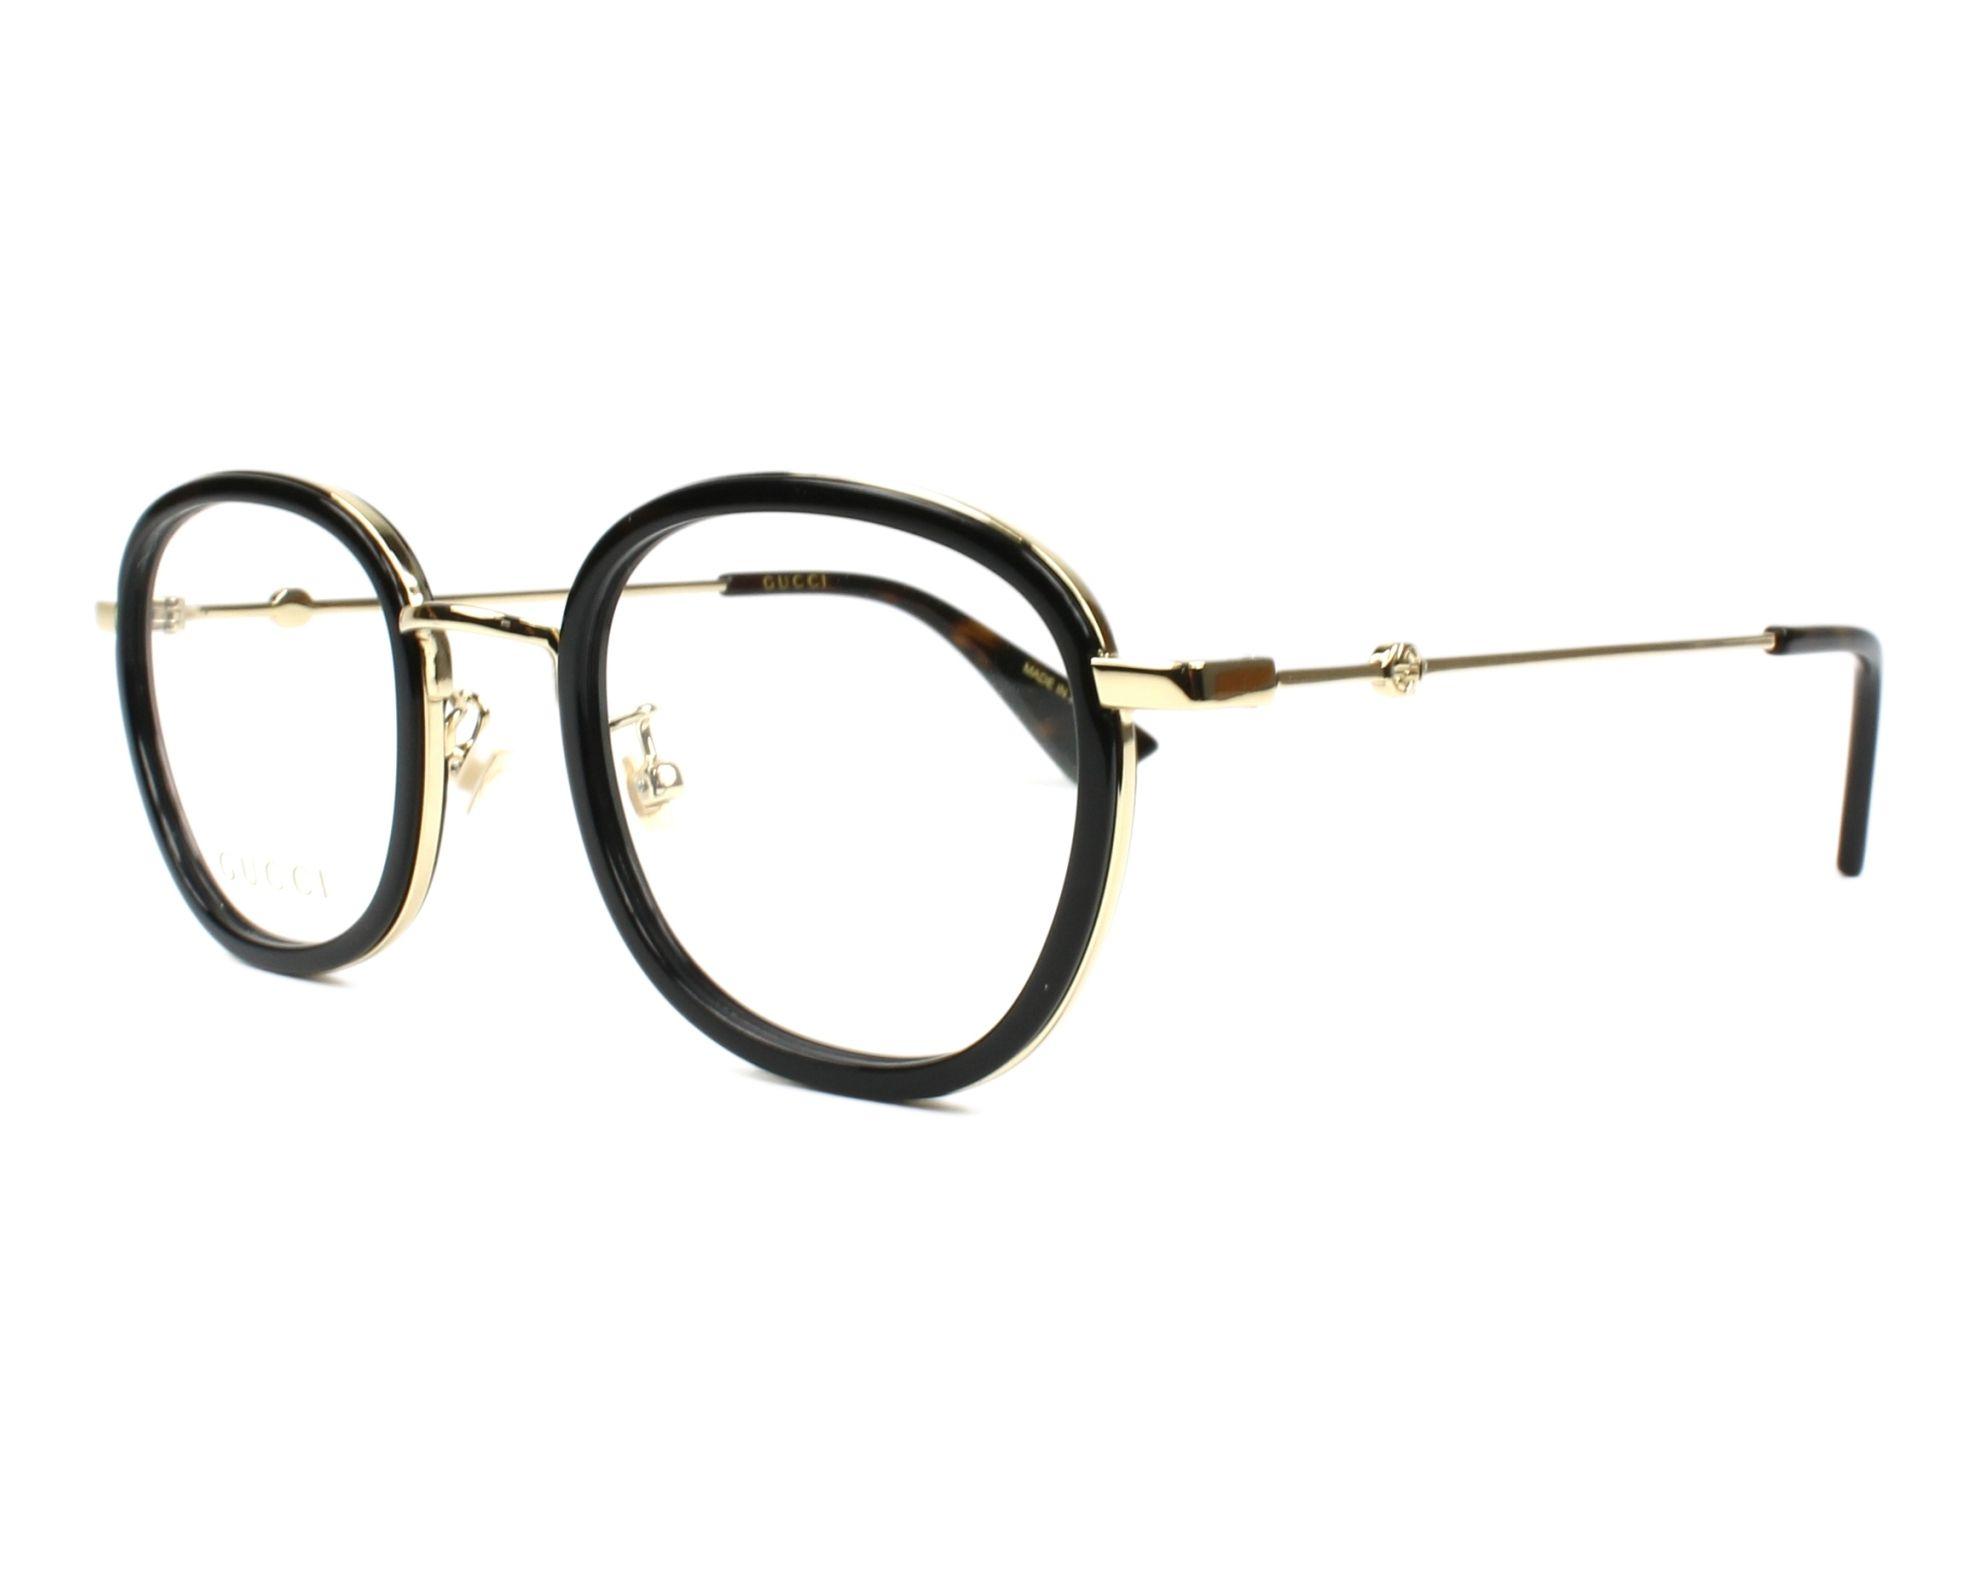 Kaufen Sie Ihre Gucci Brille GG-0111-O 001 Online - Visionet